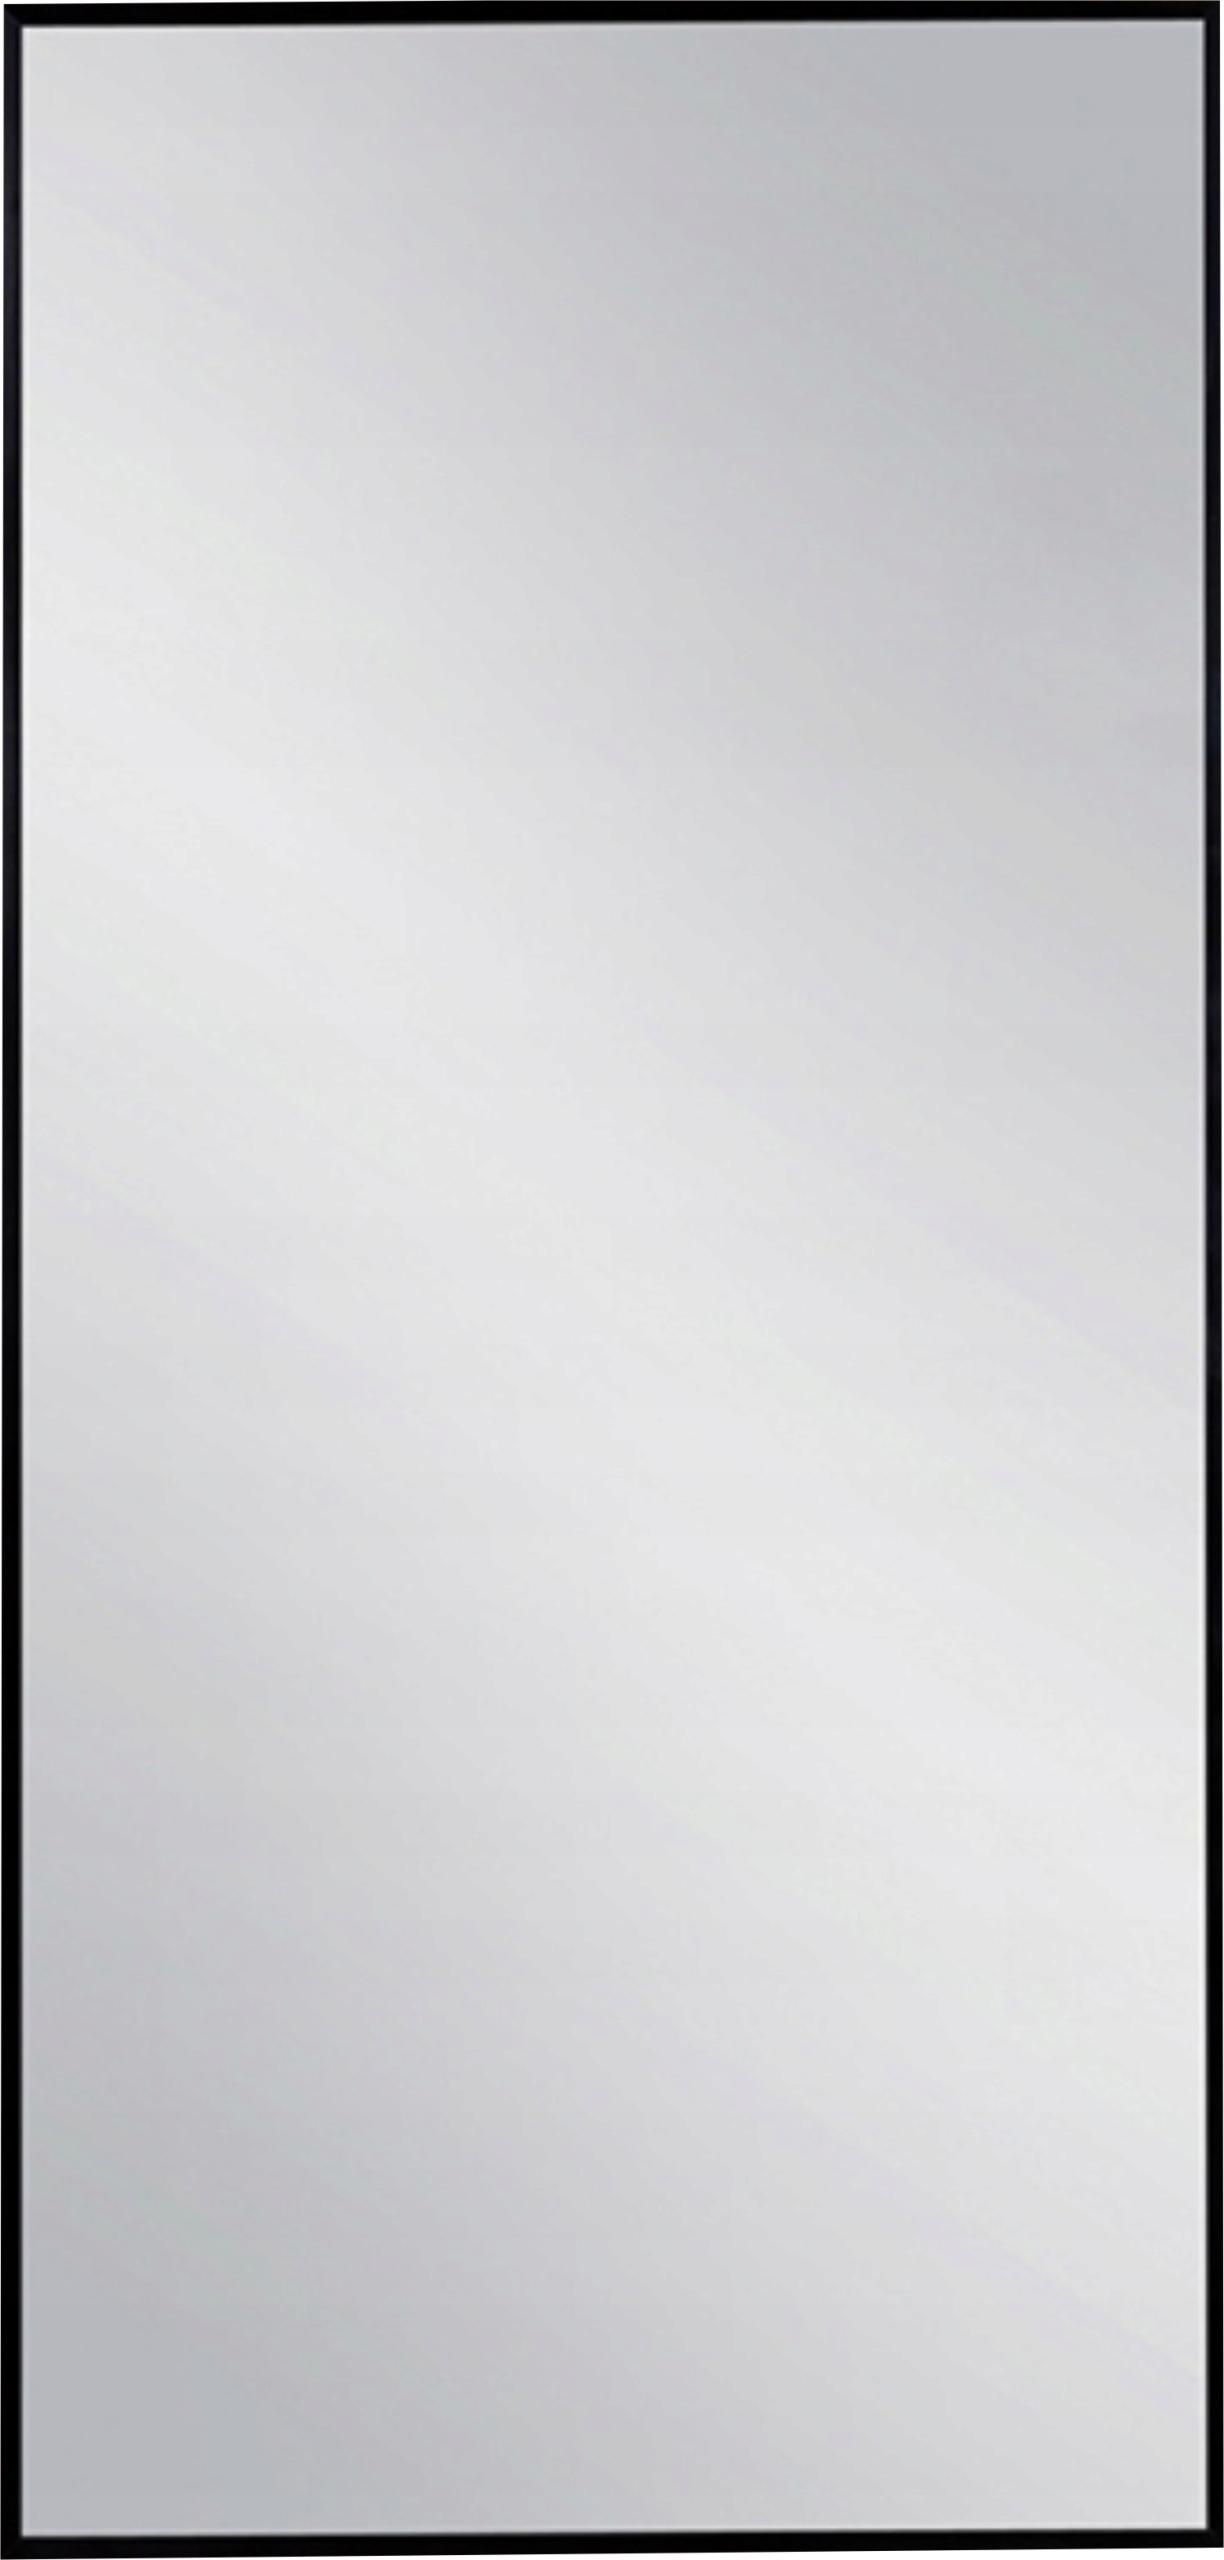 Zrkadlo 160x40 ramenný ČIERNY úzky rám kúpeľne